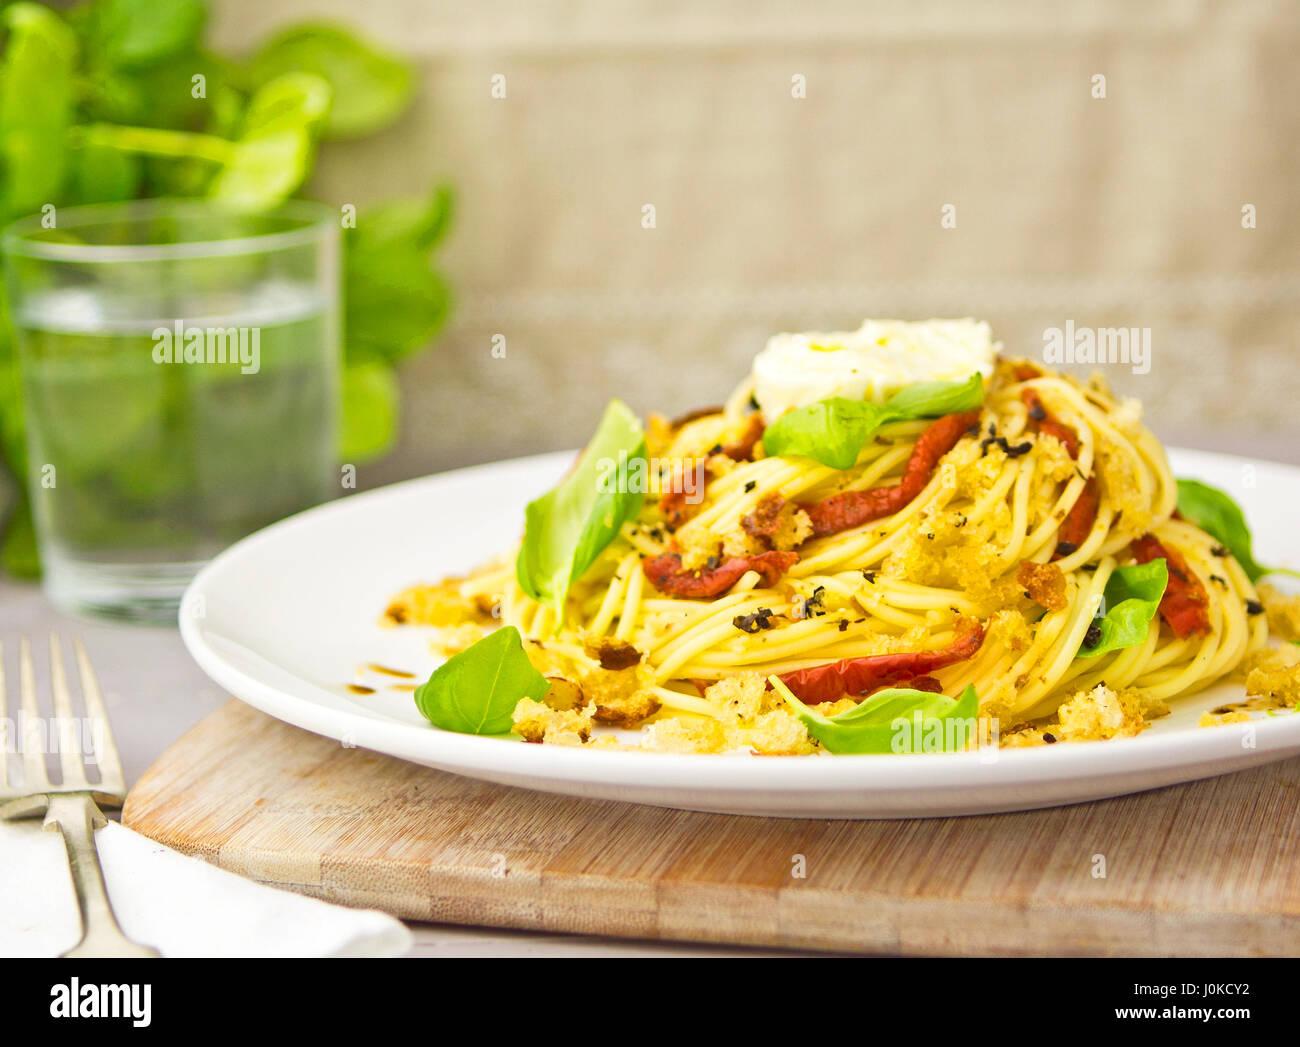 Spaghetti aux tomates mozzarella basilic séché au soleil Banque D'Images